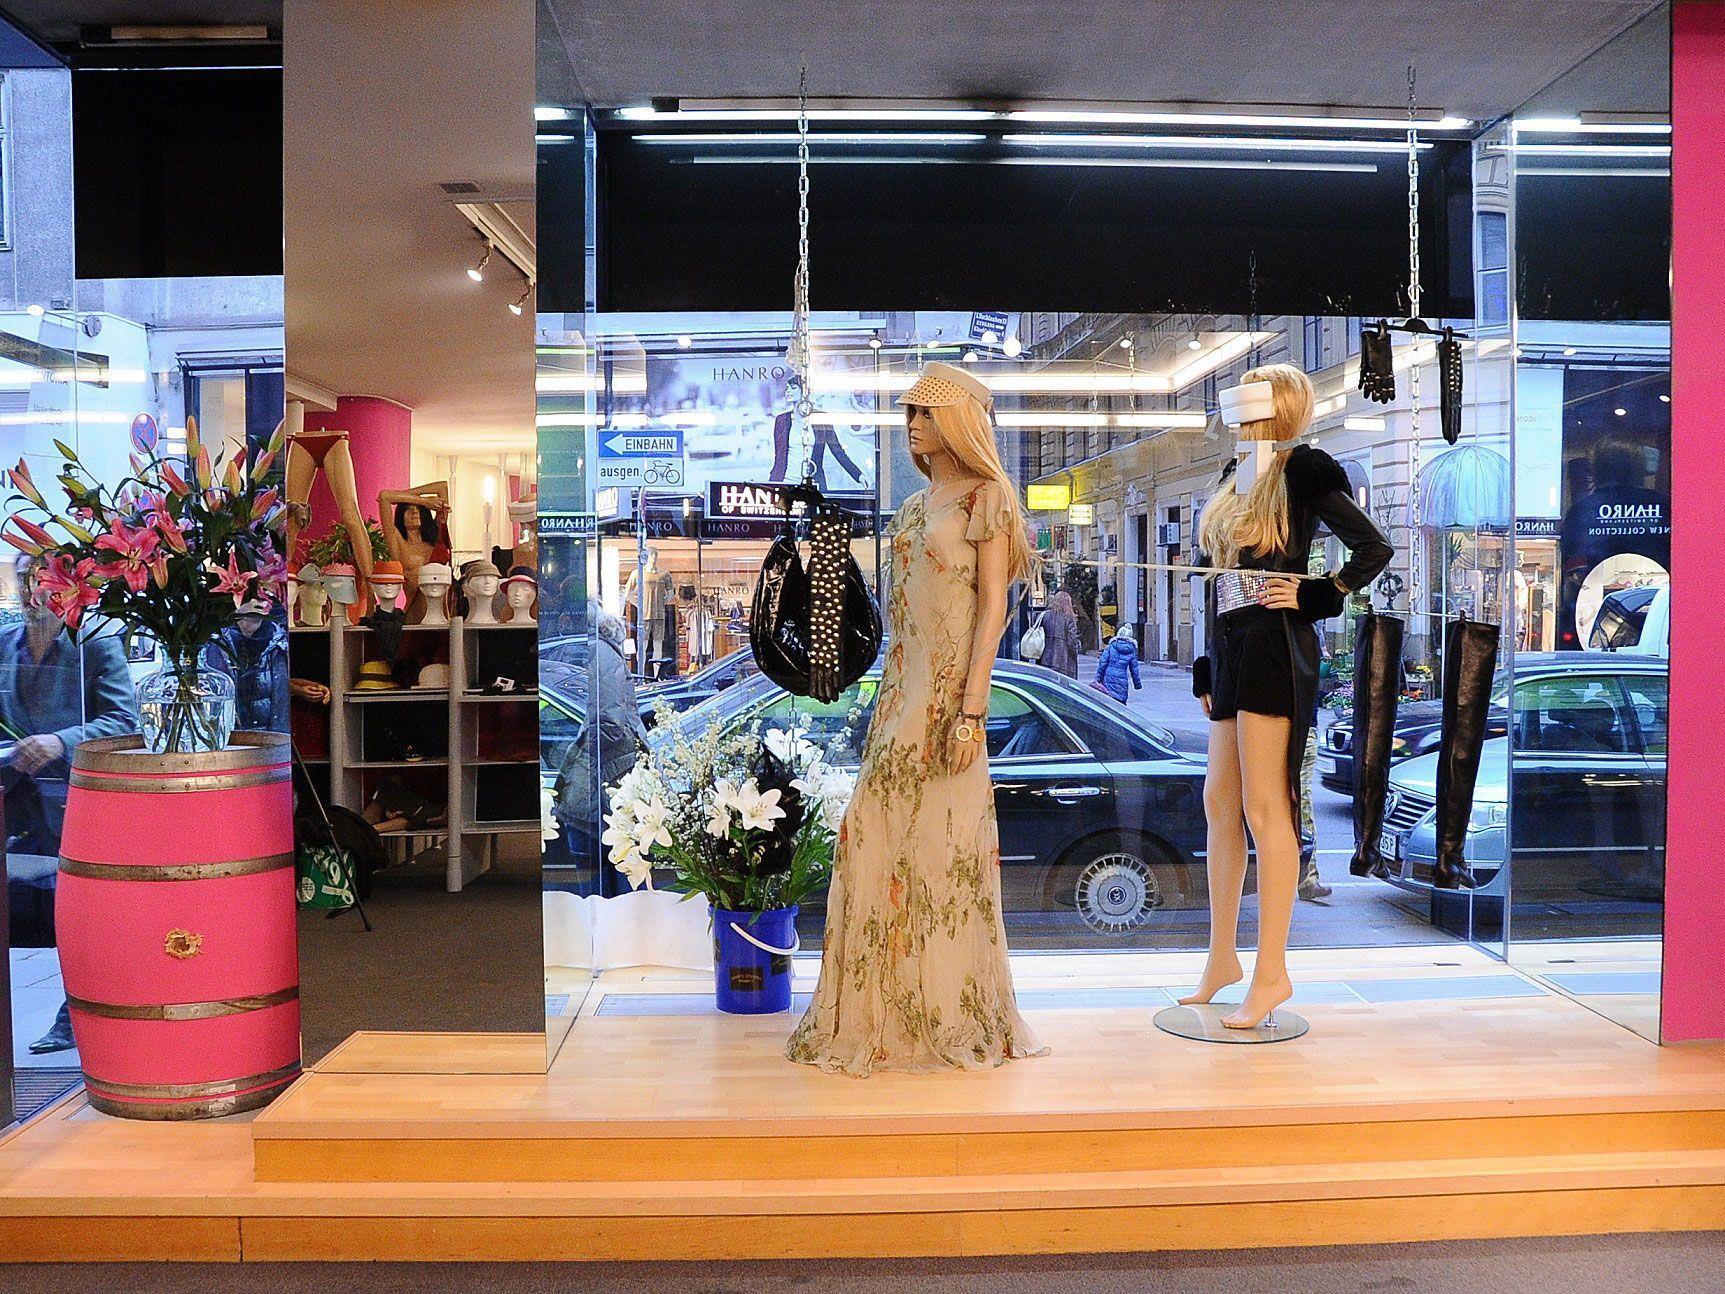 In der Wiener Innenstadt gibt es einen neuen Pop-up-Store: Happy Ending